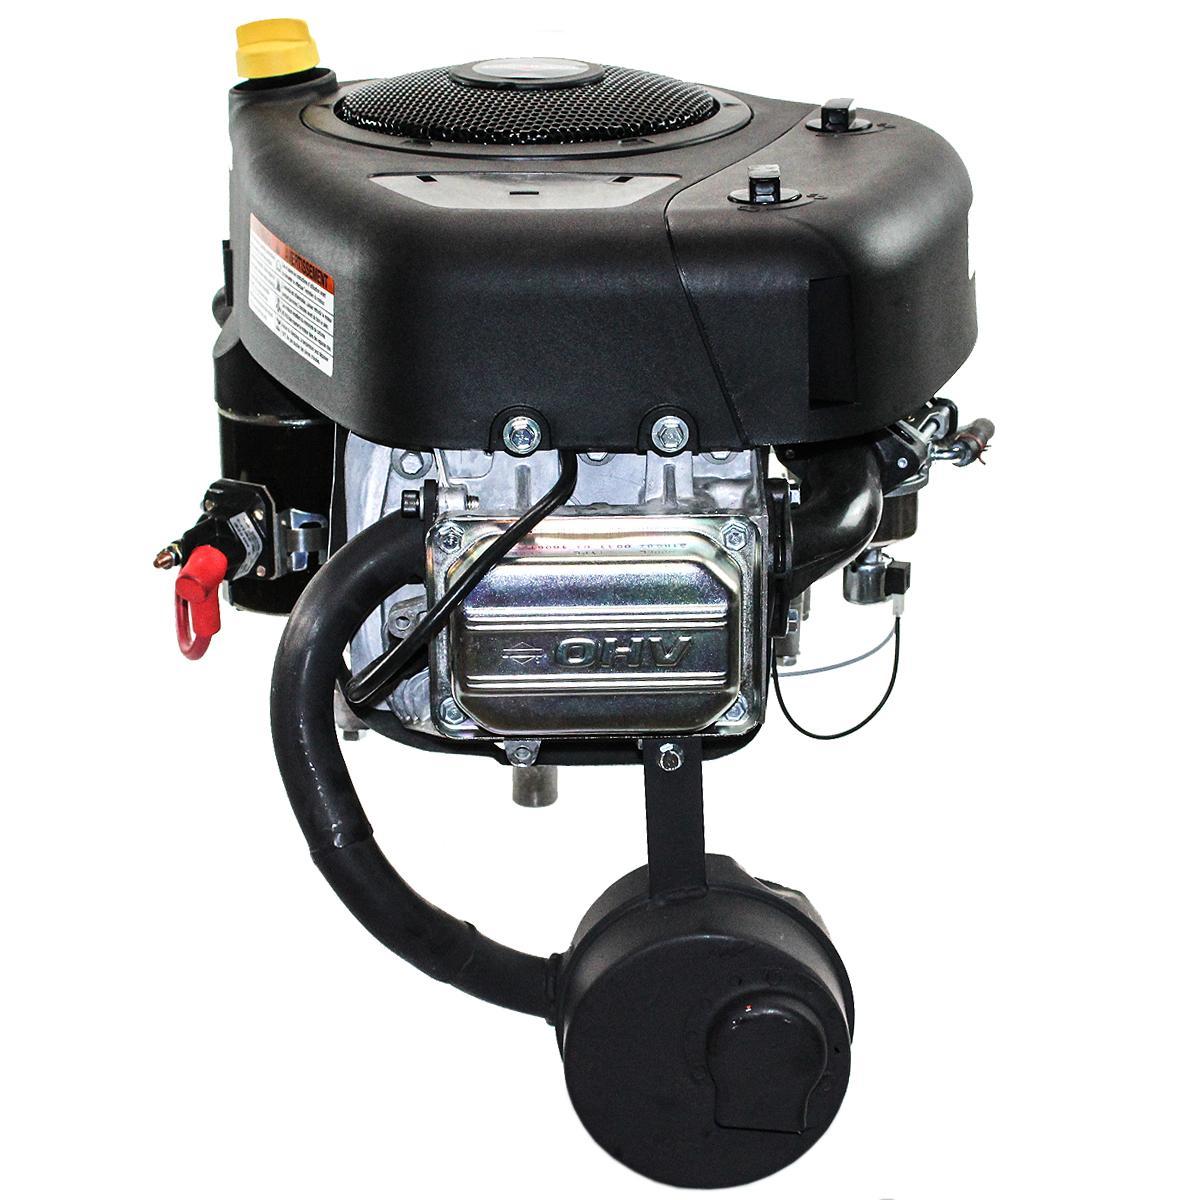 31R607-JD-LX172-R1 Briggs & Stratton Gas Engines, Vertical ... on john deere la145 wiring-diagram, john deere lt190 wiring-diagram, john deere 180 wiring-diagram, john deere ignition wiring diagram, john deere gt262 wiring-diagram, john deere lt166 wiring-diagram, john deere 322 wiring-diagram, john deere srx75 wiring-diagram, john deere electrical diagrams, john deere la105 wiring-diagram, john deere gt275 wiring-diagram, john deere x485 wiring-diagram, john deere pto wiring diagram, john deere stx46 wiring-diagram, john deere 145 wiring-diagram, john deere lx277 wiring-diagram, john deere gt235 wiring-diagram, john deere 455 wiring-diagram, john deere solenoid wiring diagram, john deere lx173 wiring-diagram,